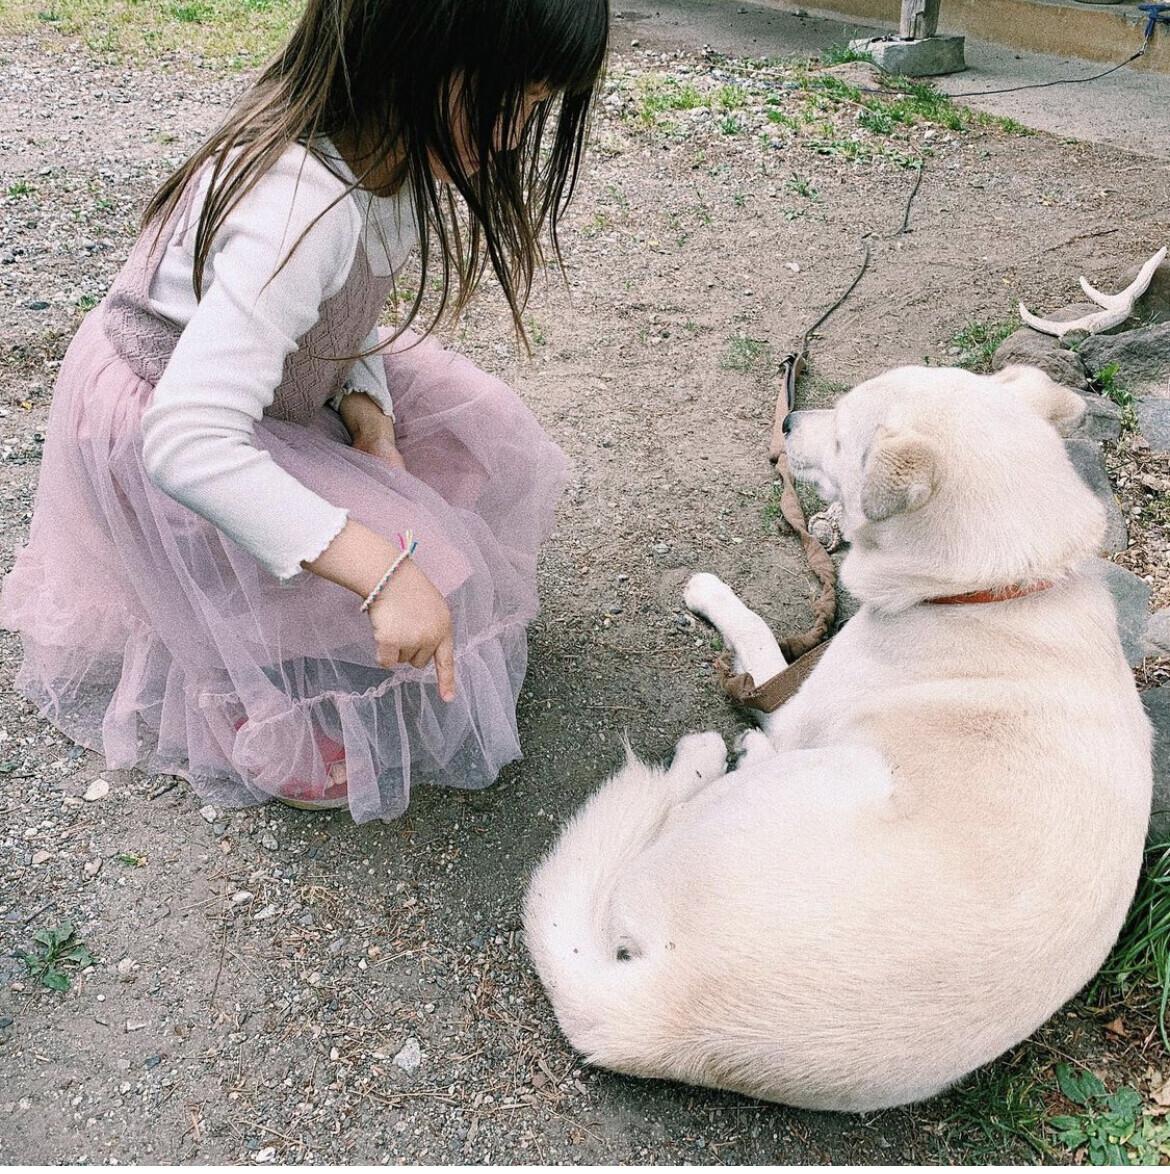 子どもと一緒に楽しみながら動物愛護を学べる「いぬねこなかまフェス」を開催! ~坂本美雨さんインタビュー